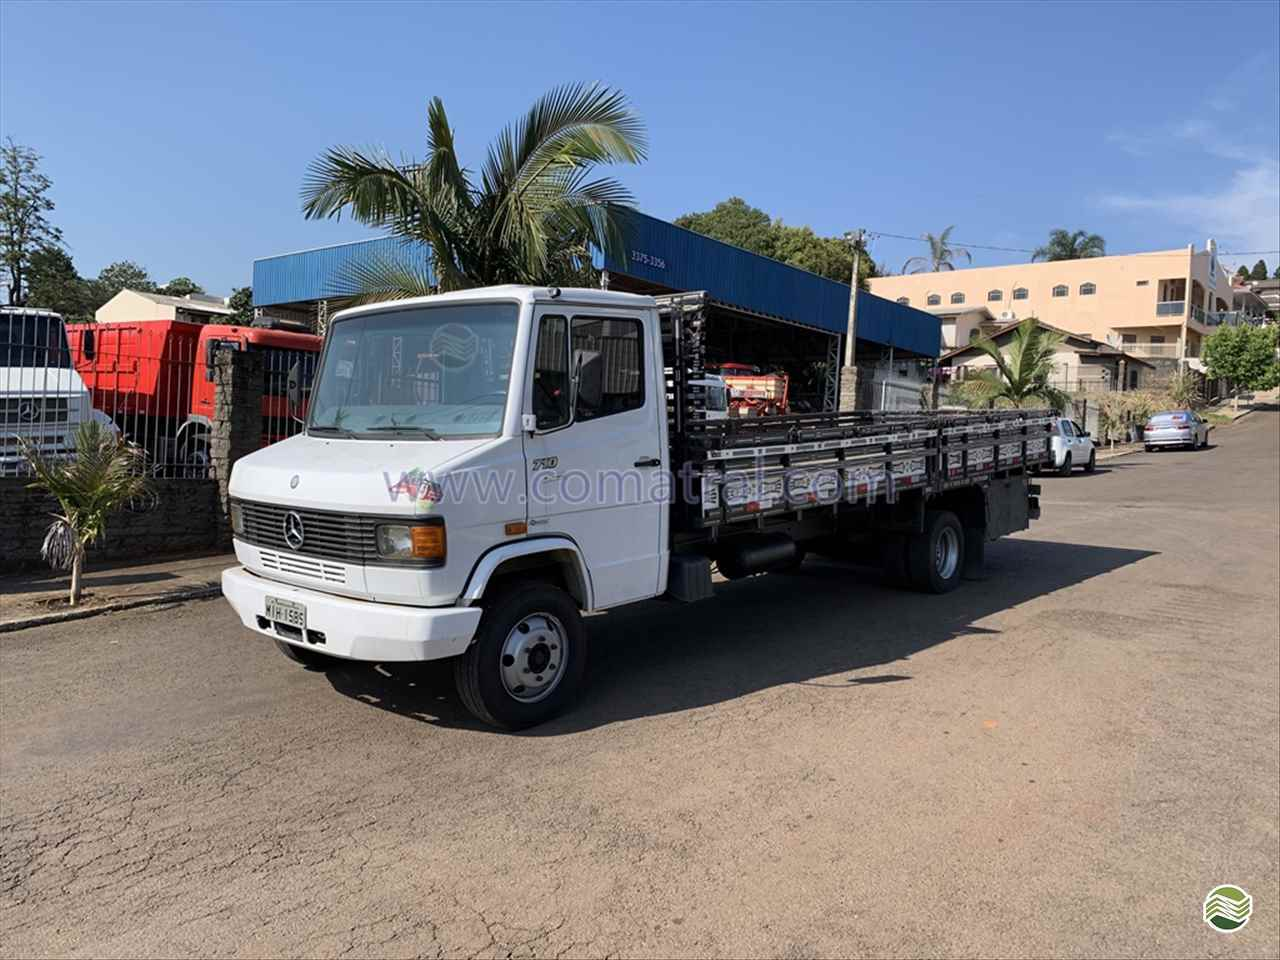 CAMINHAO MERCEDES-BENZ MB 710 Carga Seca Toco 4x2 Comatral Caminhões e Máquinas Agrícolas PANAMBI RIO GRANDE DO SUL RS